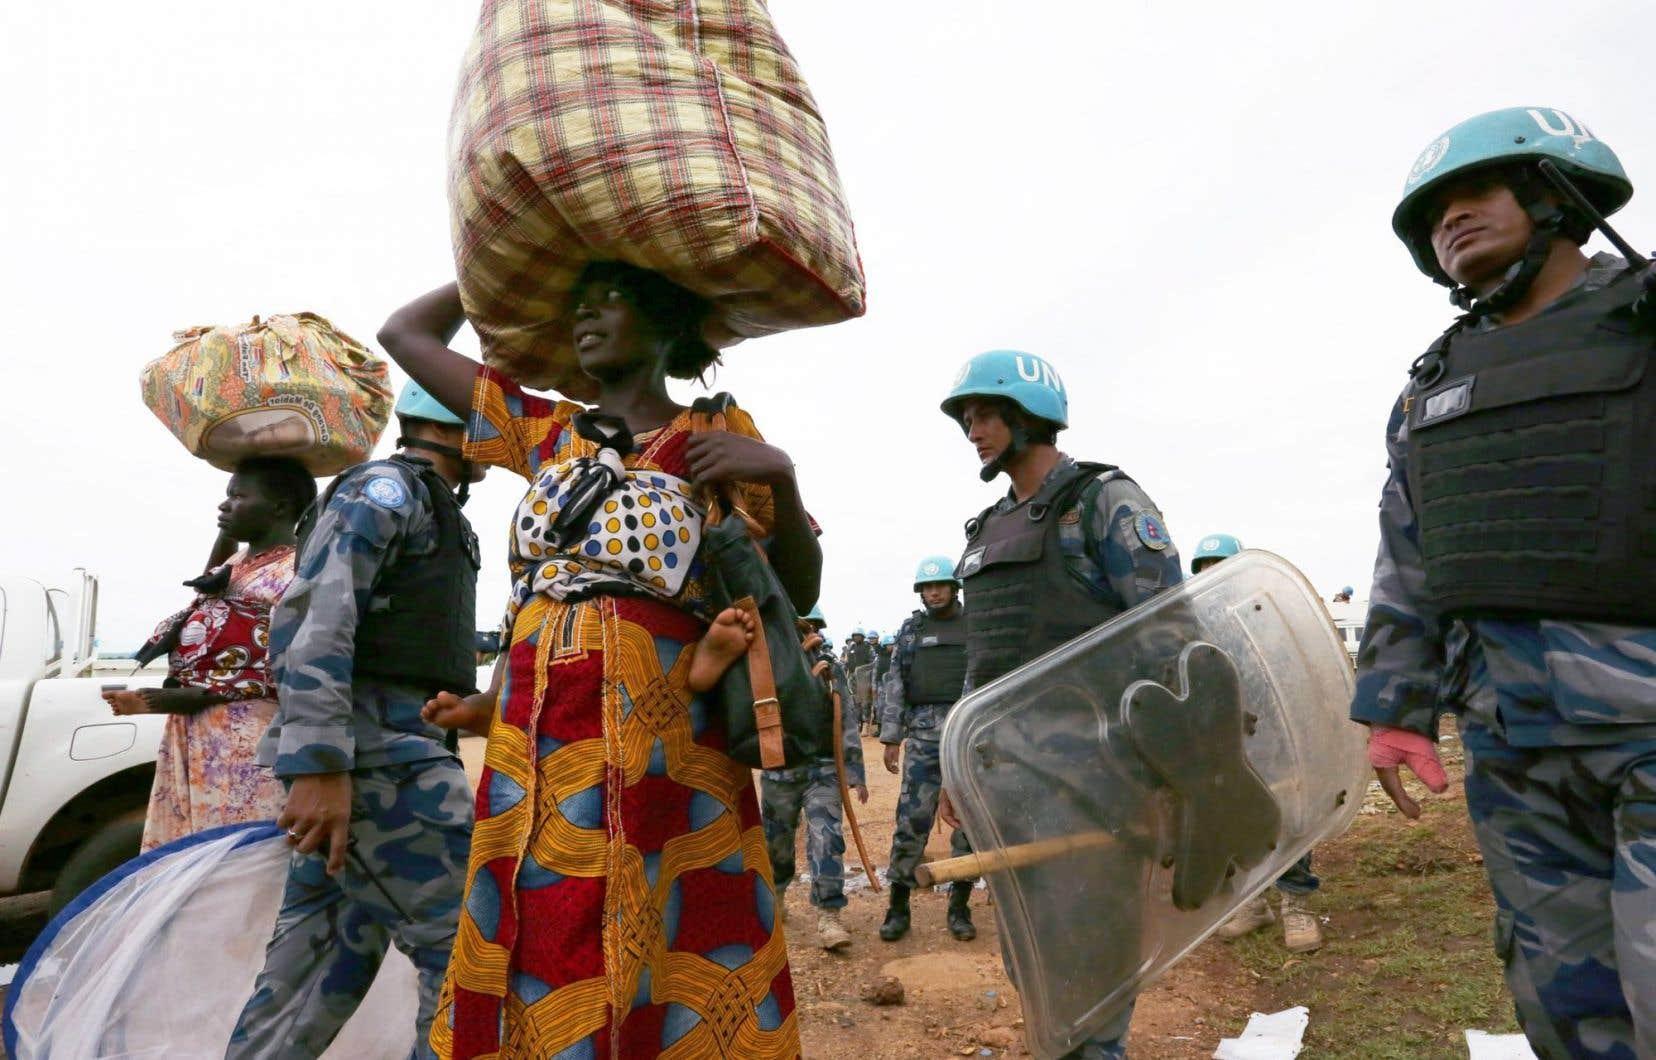 Vendredi, l'ONU a autorisé le déploiement de 4000 Casques bleus supplémentaires pour «pacifier» Juba.